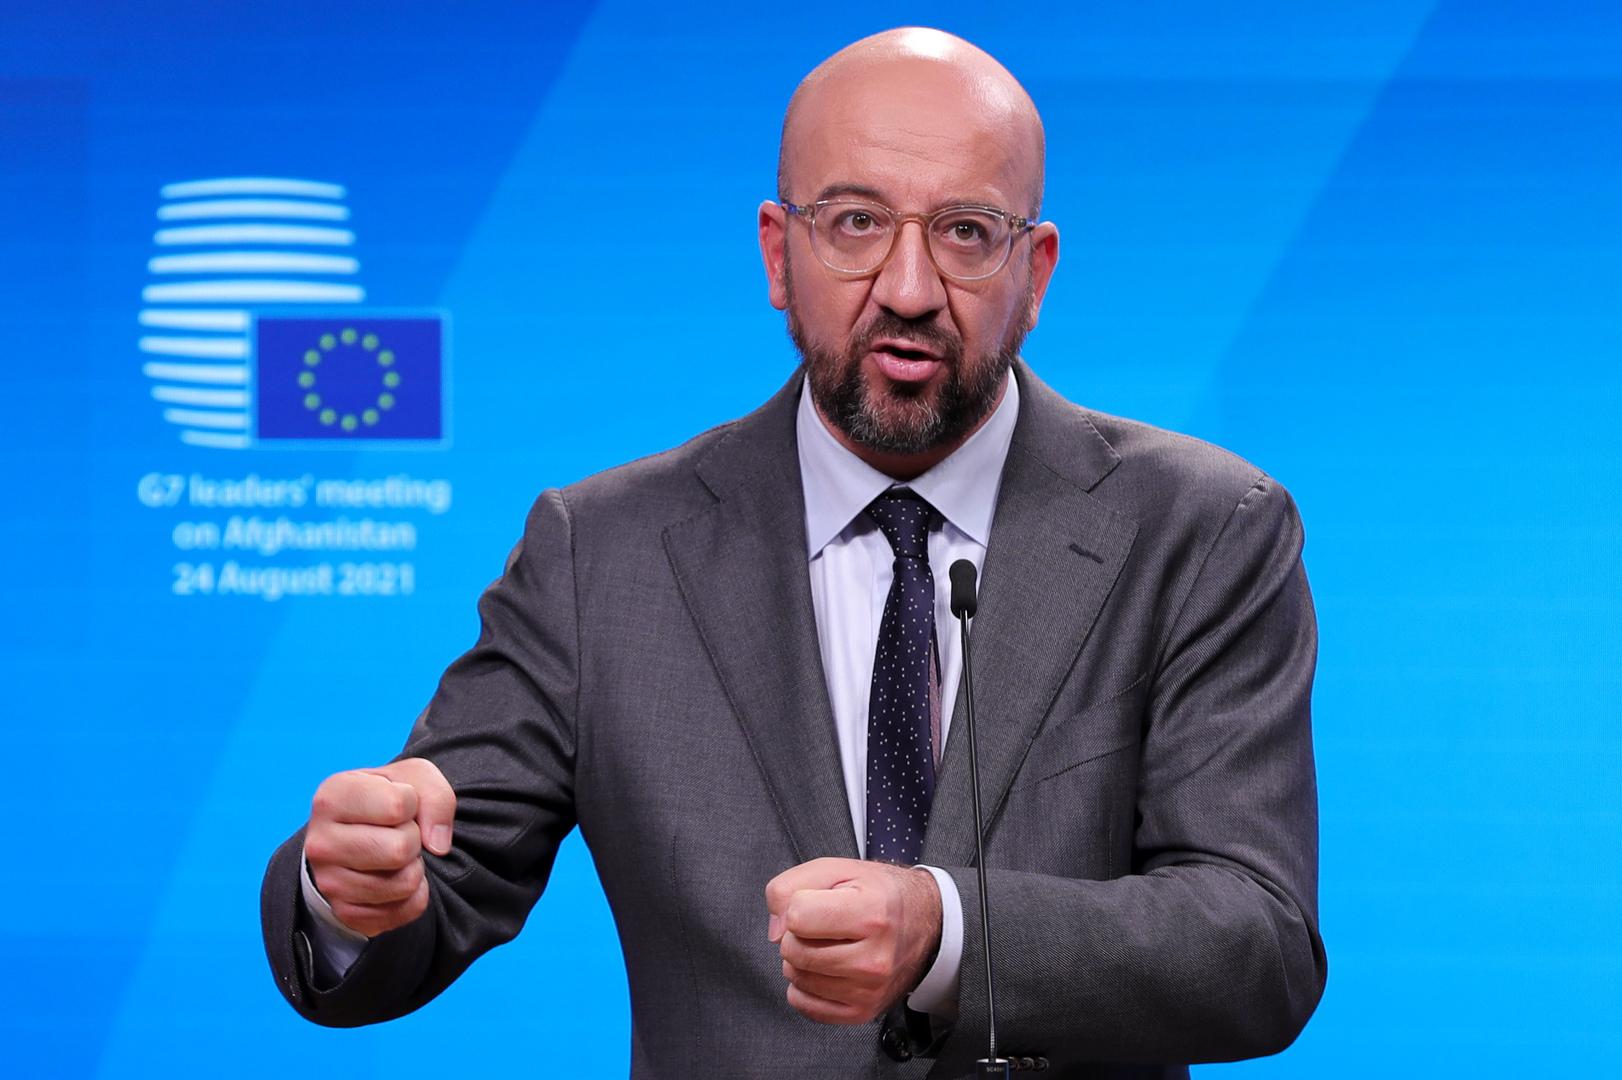 الاتحاد الأوروبي يتهم واشنطن بـ